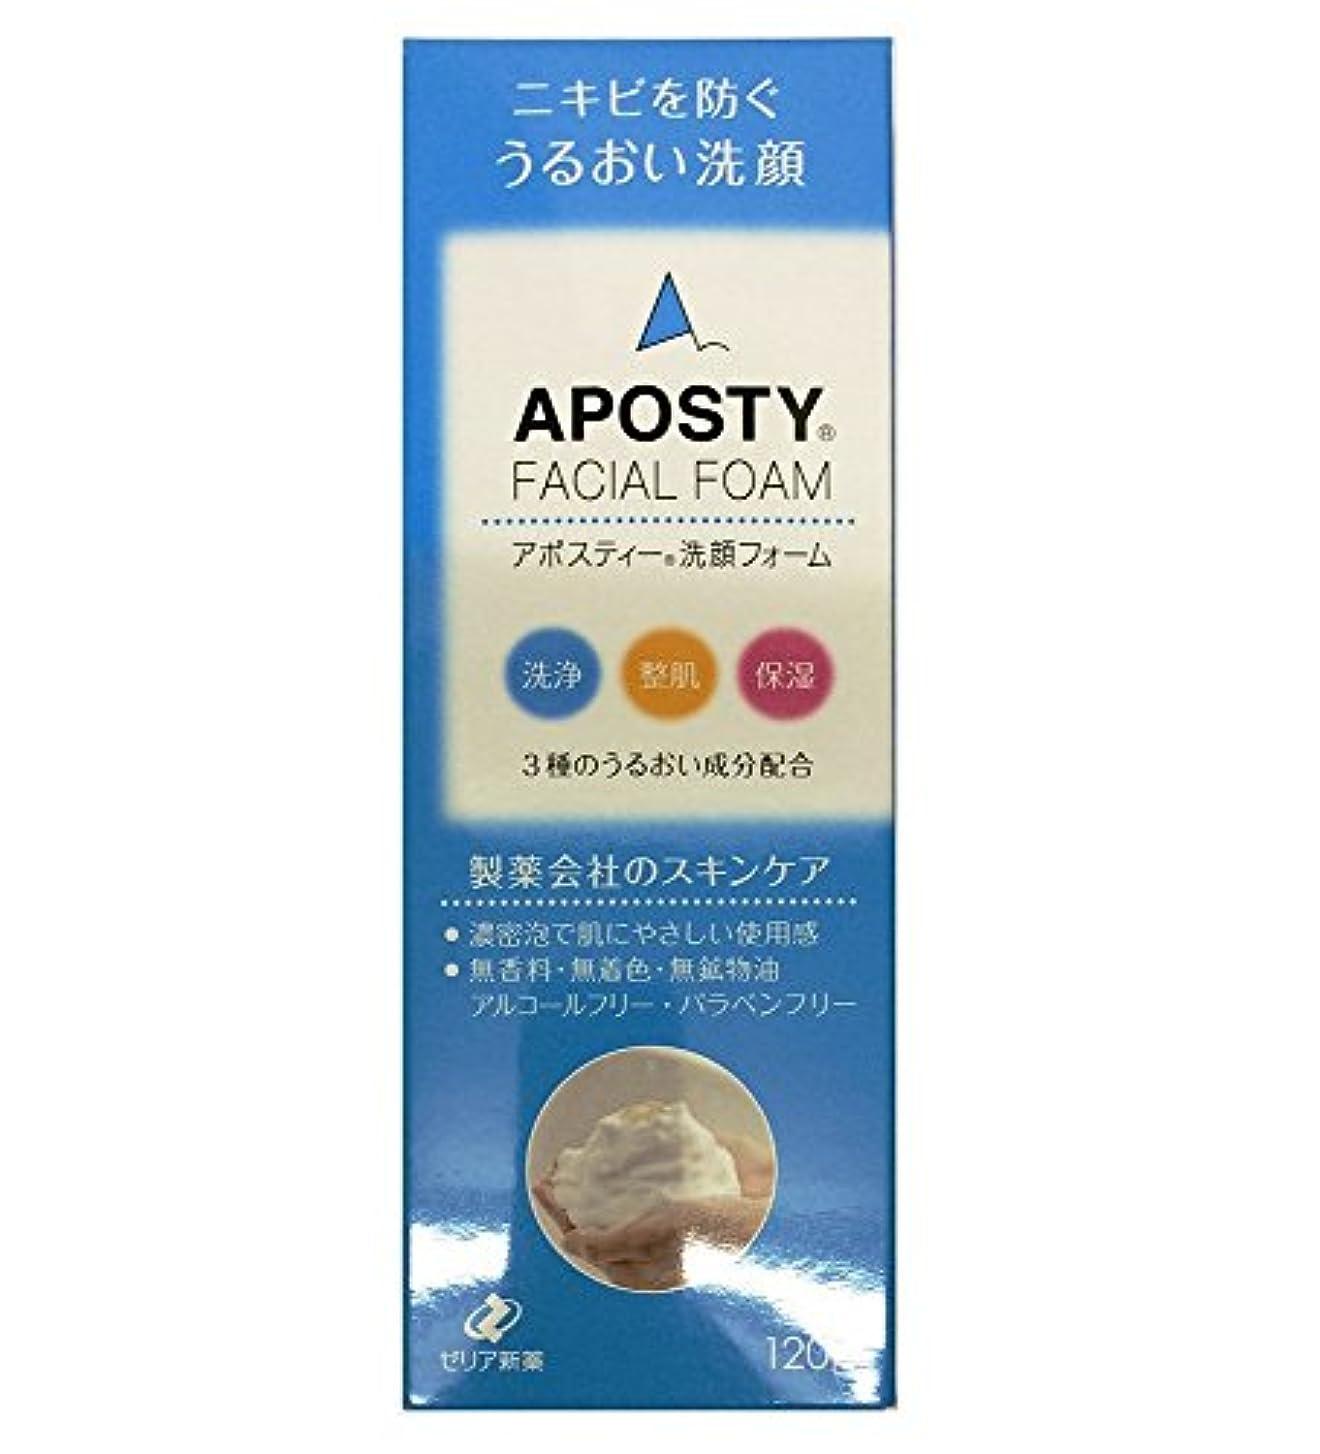 地平線フルーツ名前を作るゼリア新薬工業 アポスティー 洗顔フォーム 120g